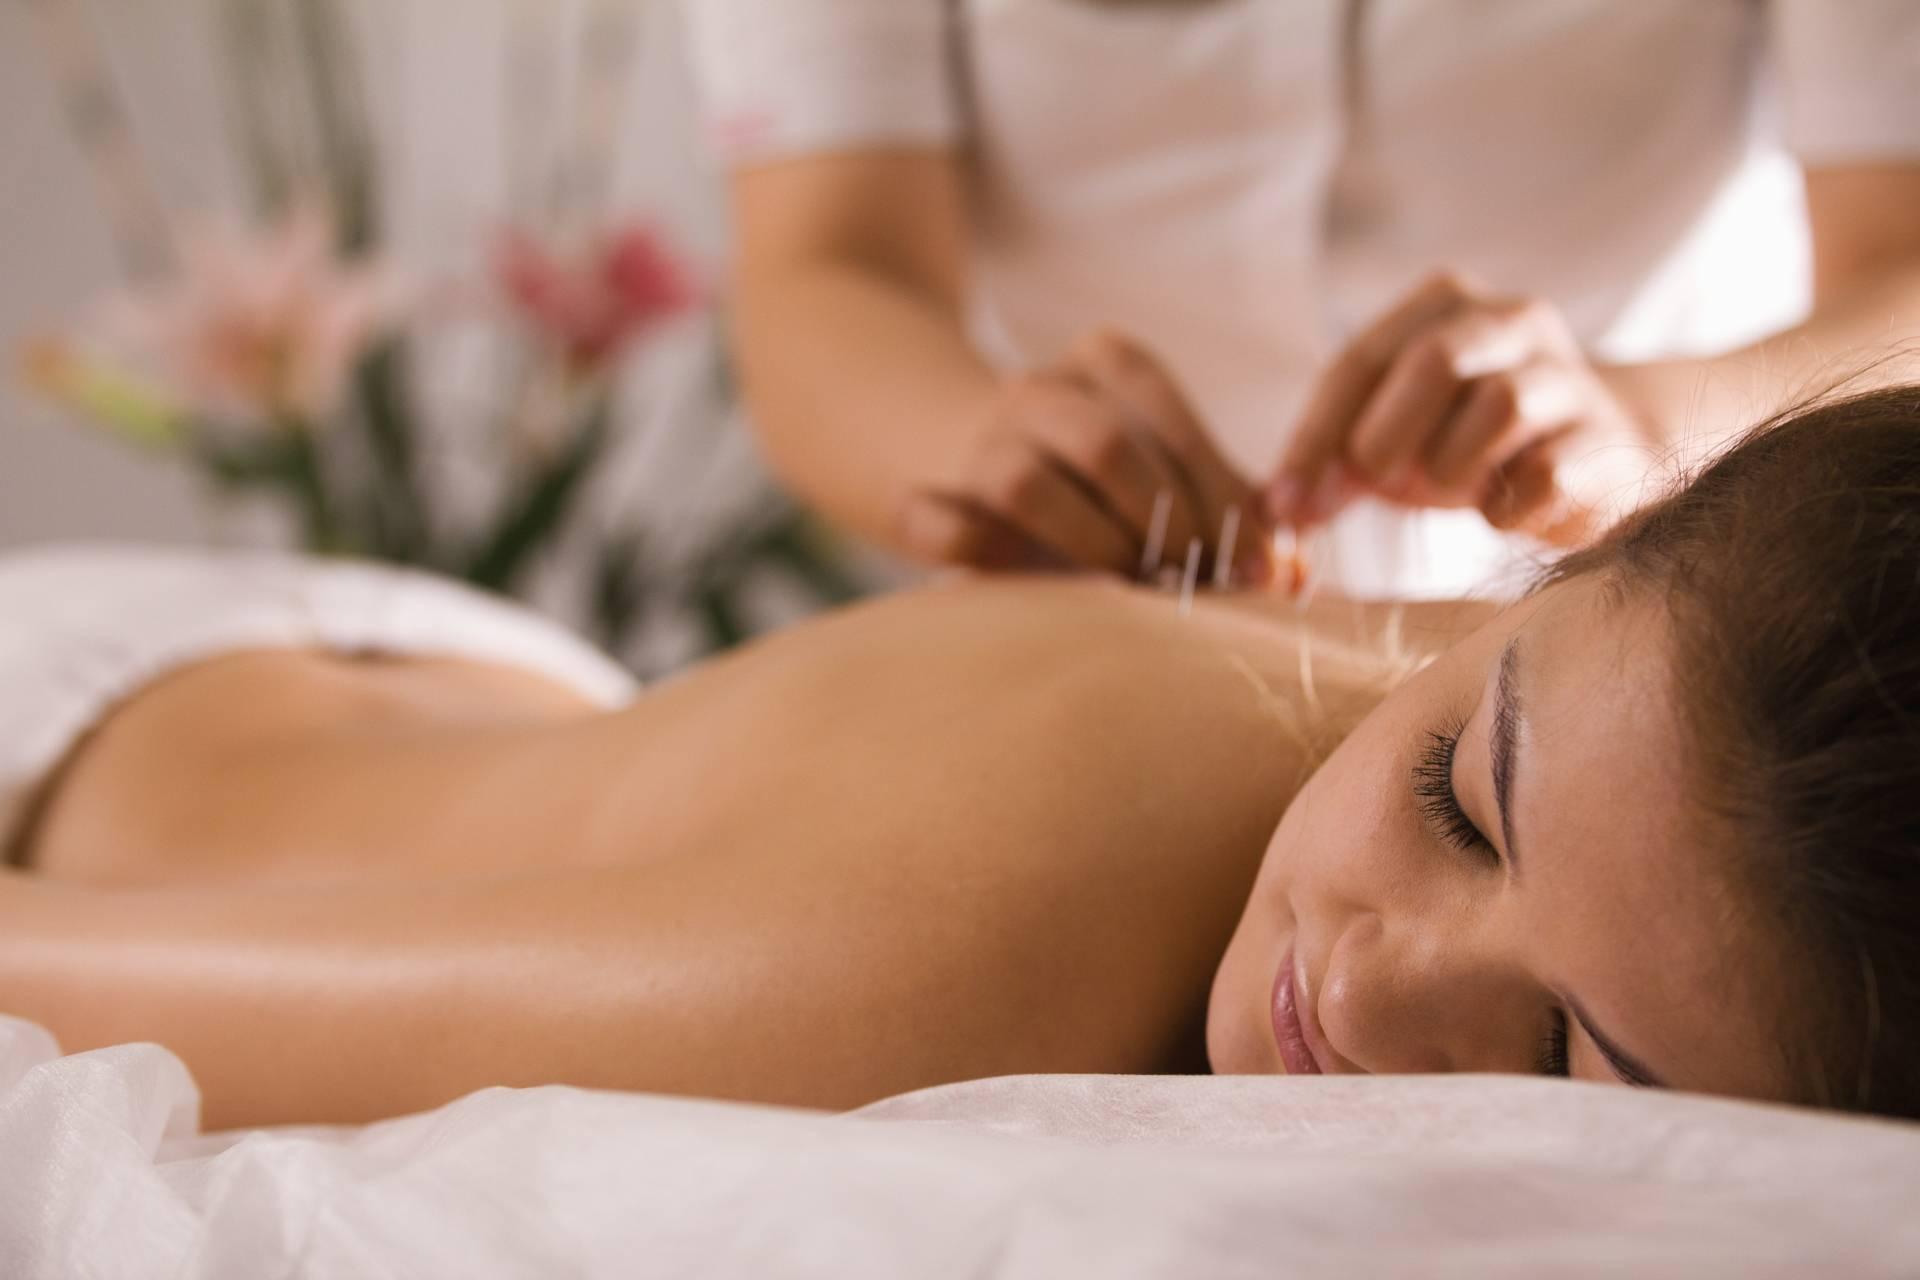 Akupunktura na reumatyzm. Młoda dziewczyna leży na łóżku do masażu w gabinecie, a specjalistka od akupunktury wbija jej igiełki w plecy.